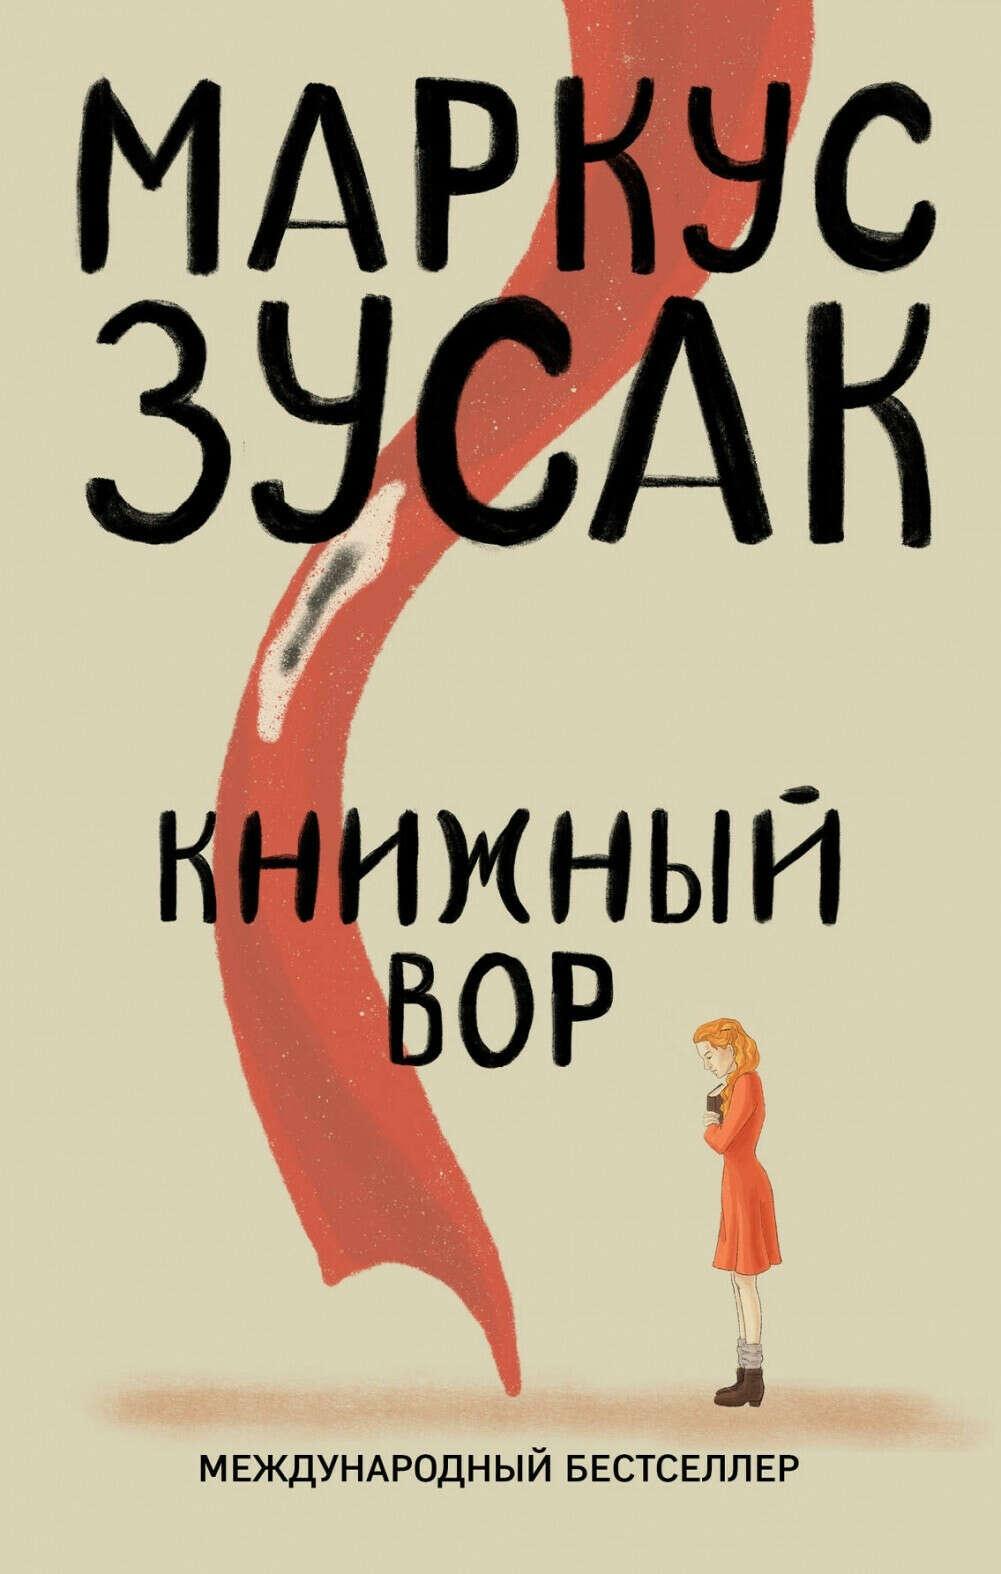 «Книжный вор», Маркус Зусак